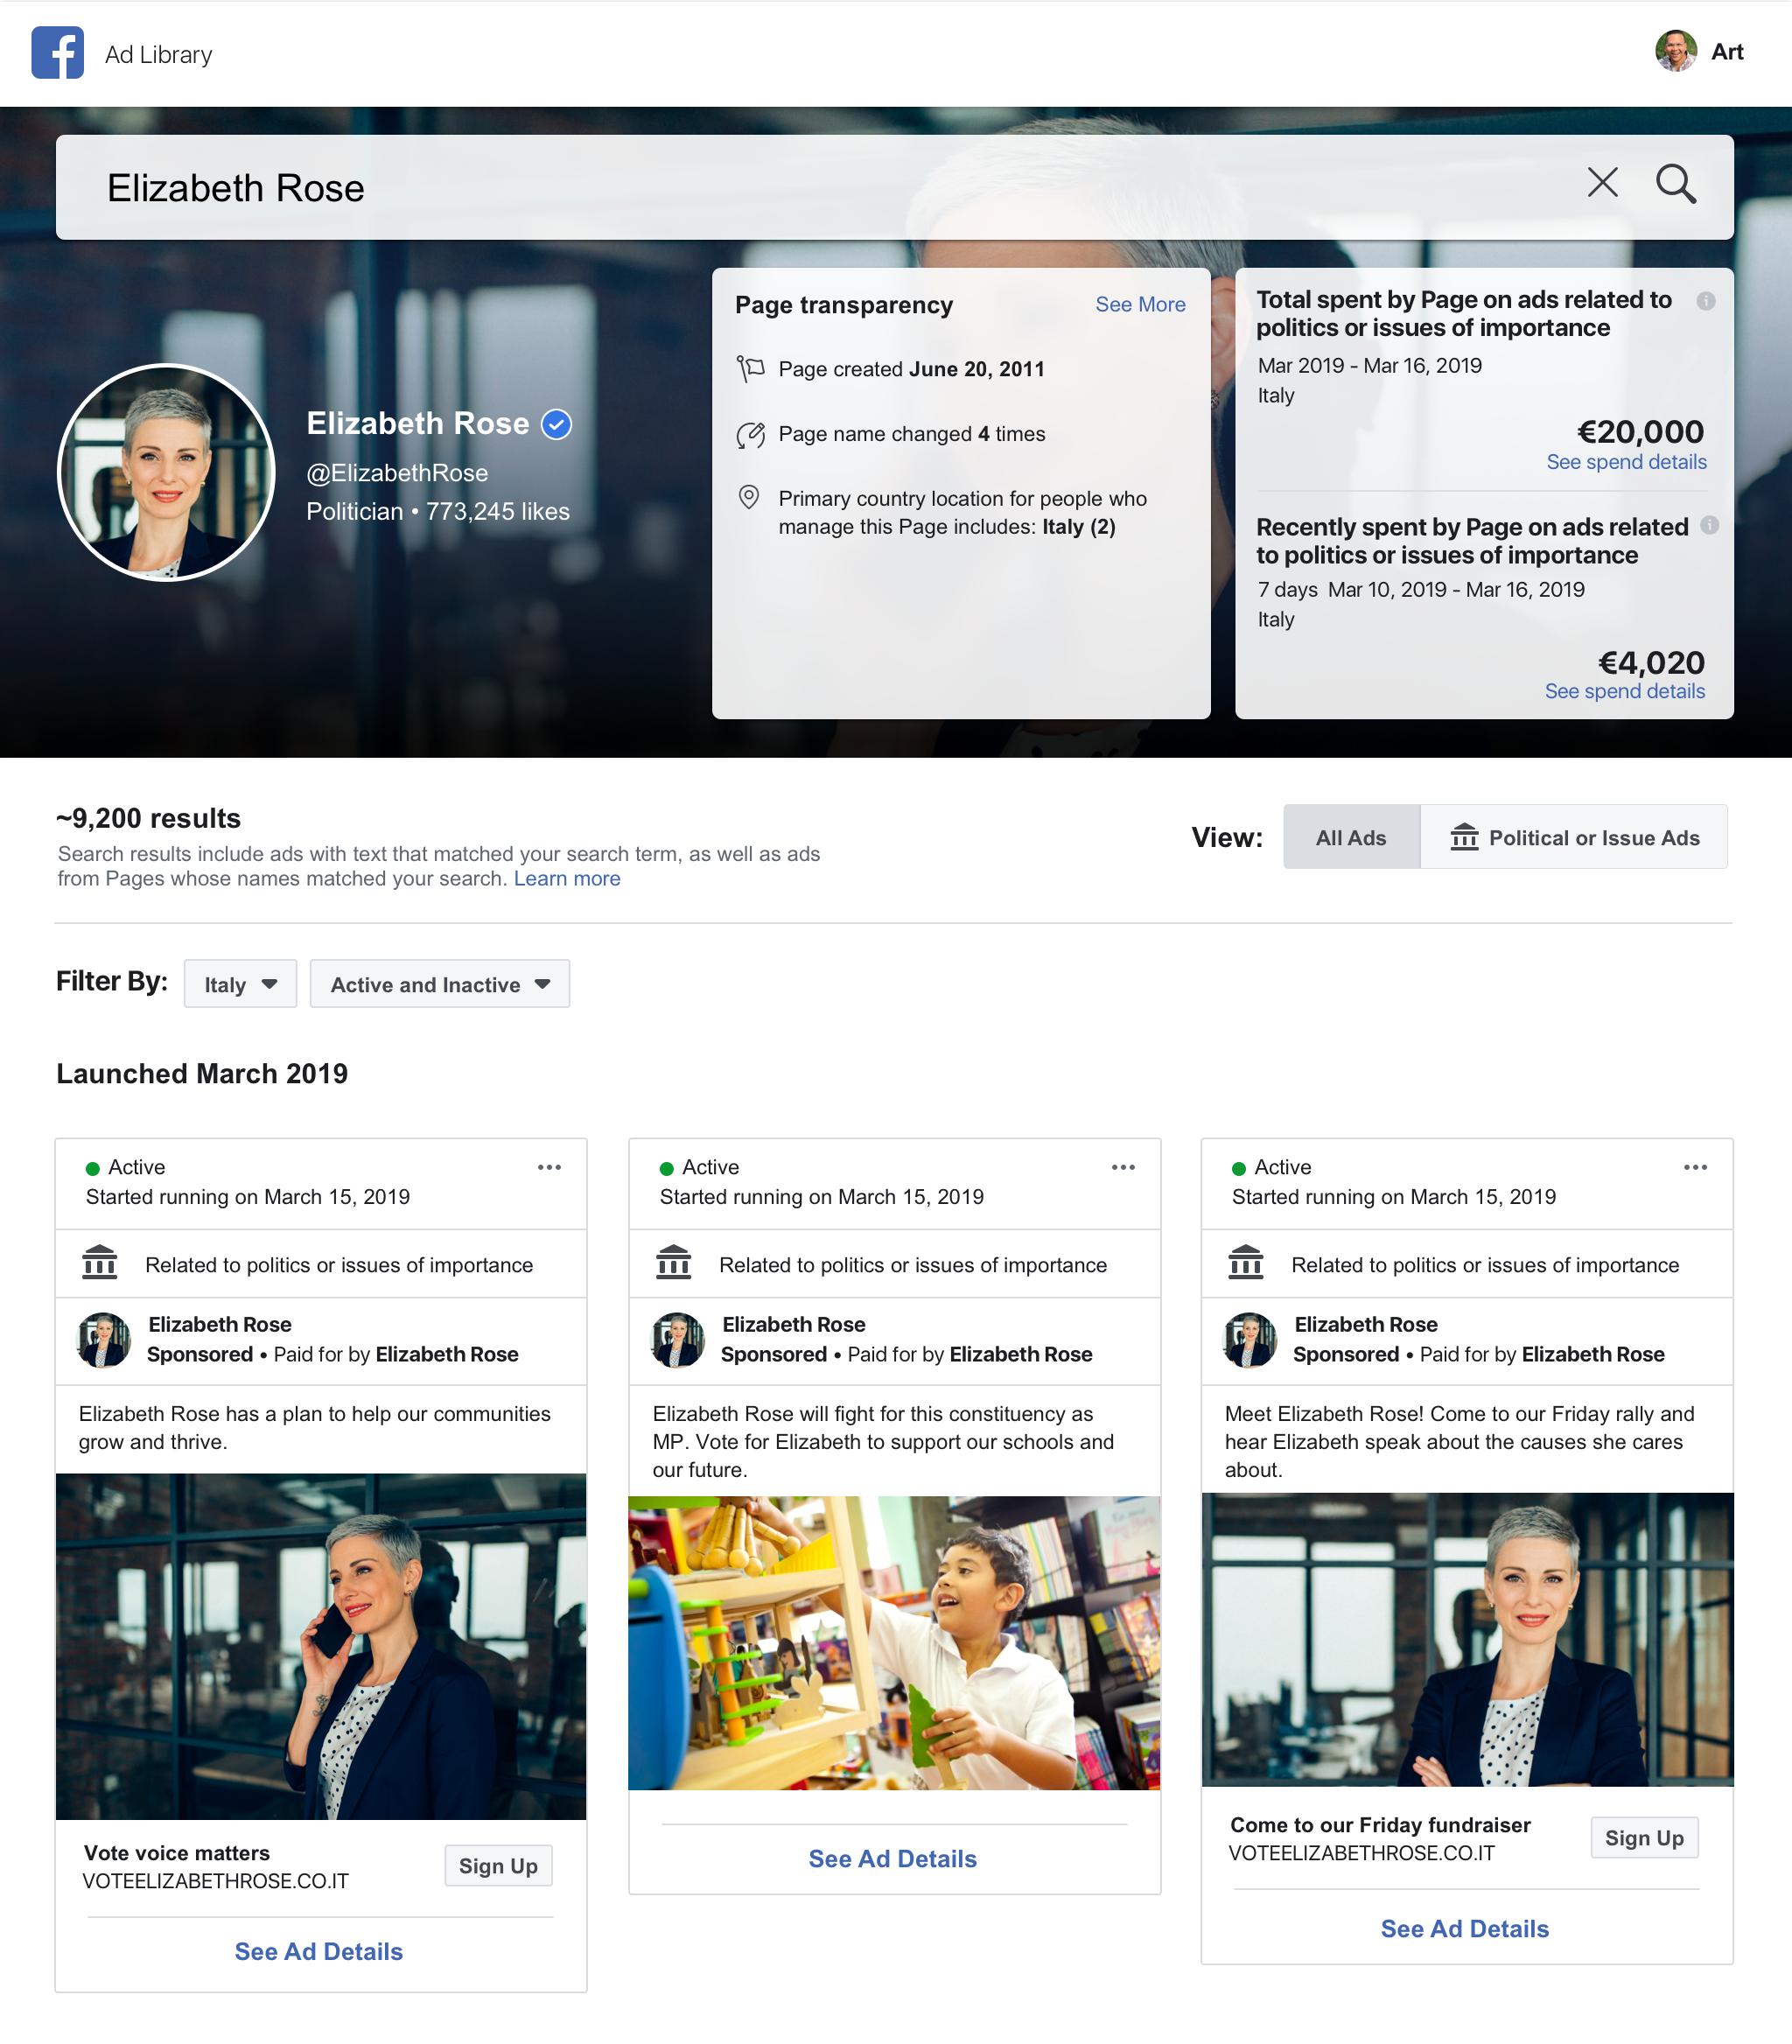 Vous pouvez consulter toutes les publicités actives Facebook à partir d'un moteur de recherche